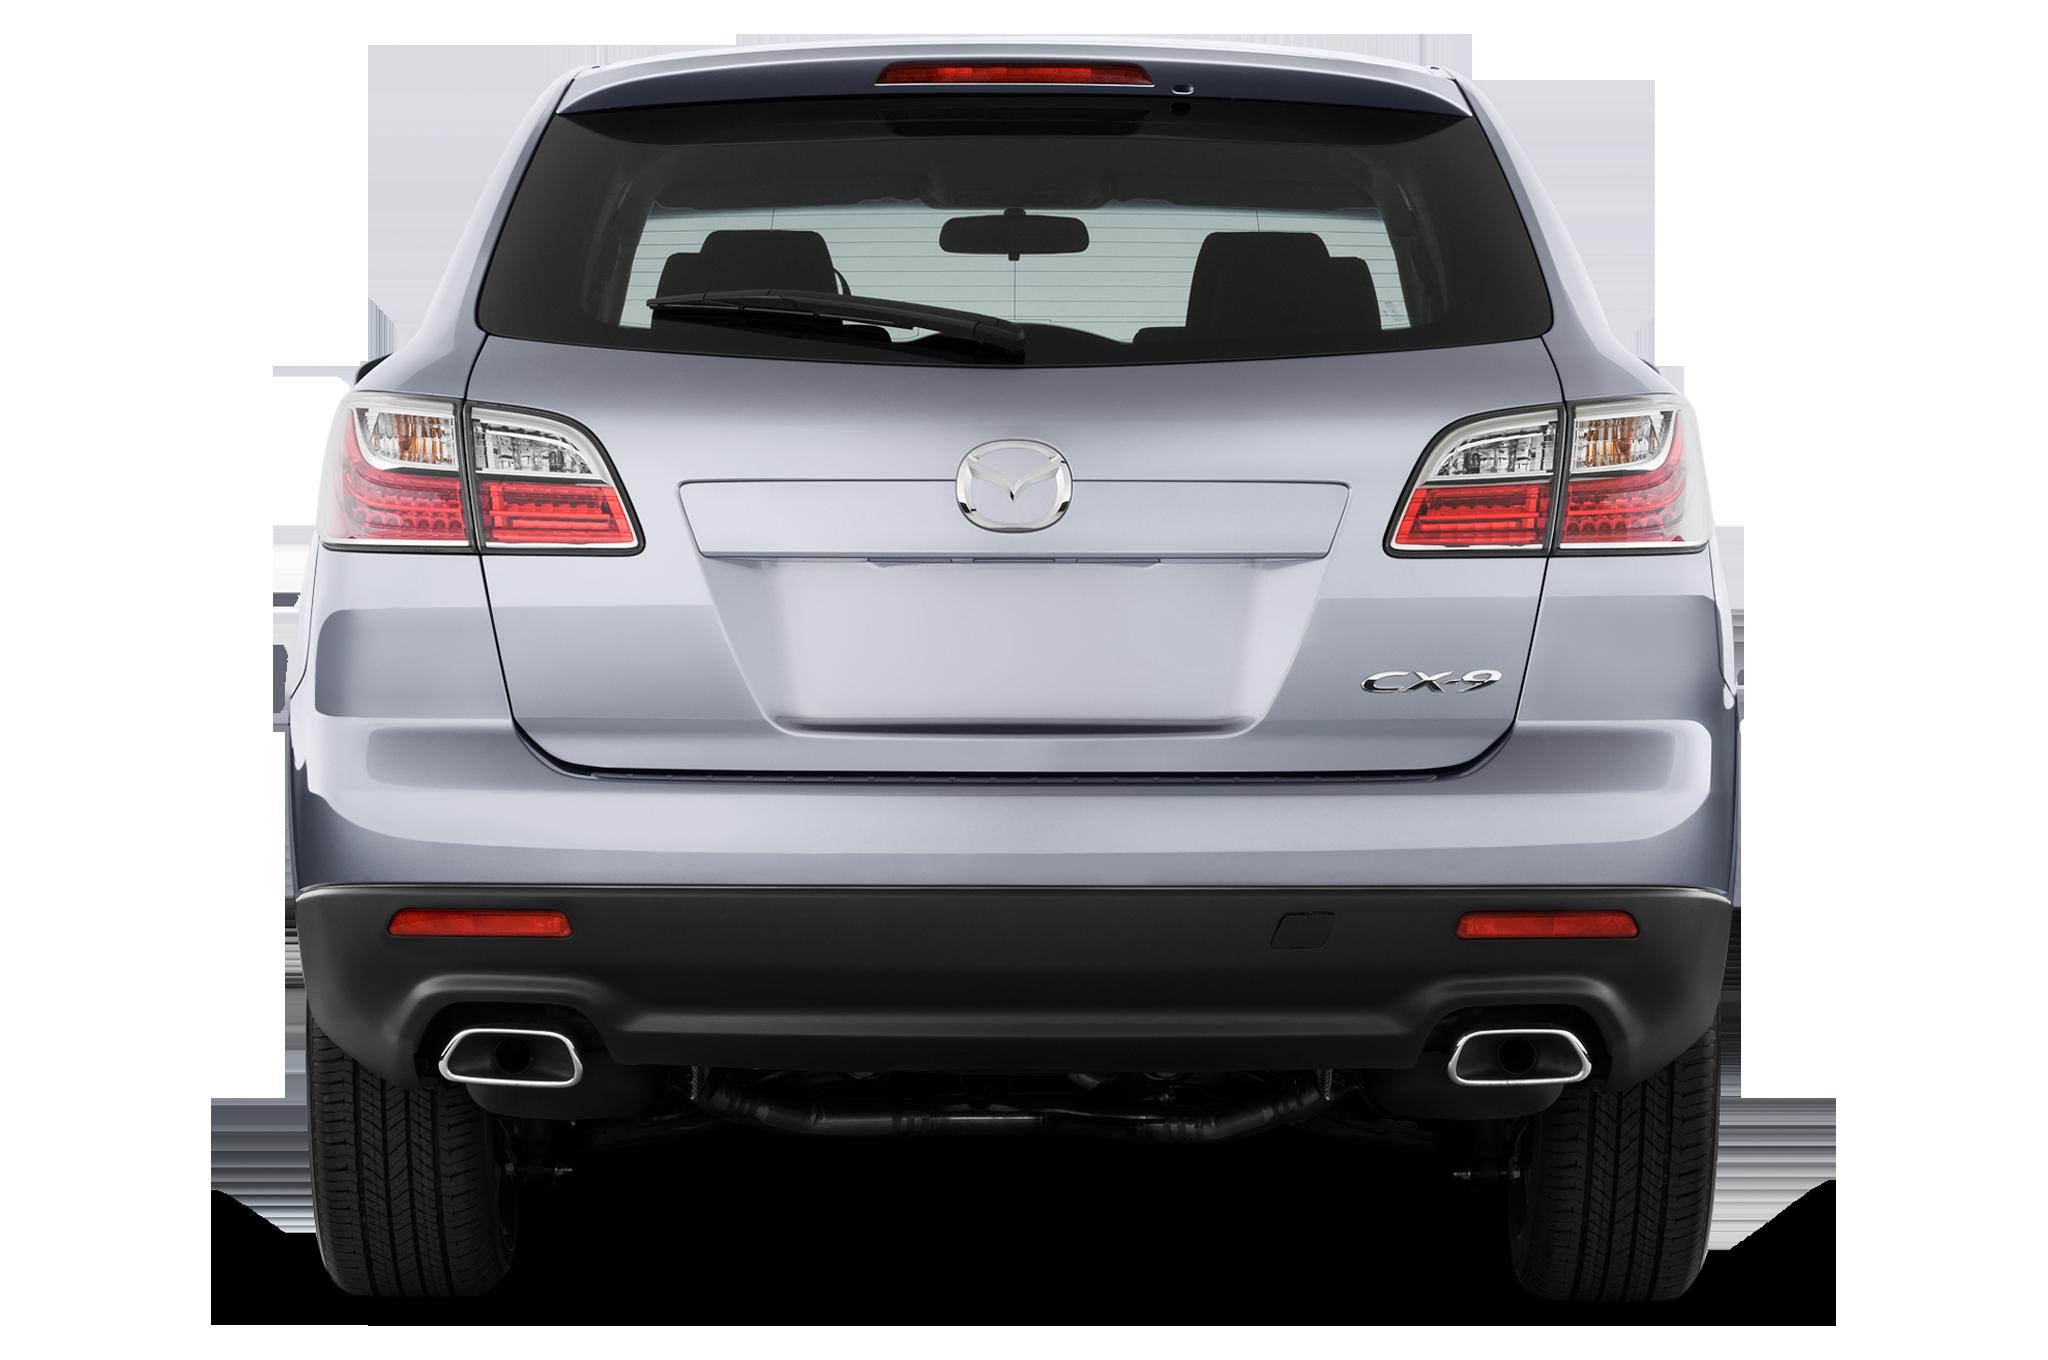 2010 Mazda Cx 9 Grand Touring Mazda Crossover Suv Review